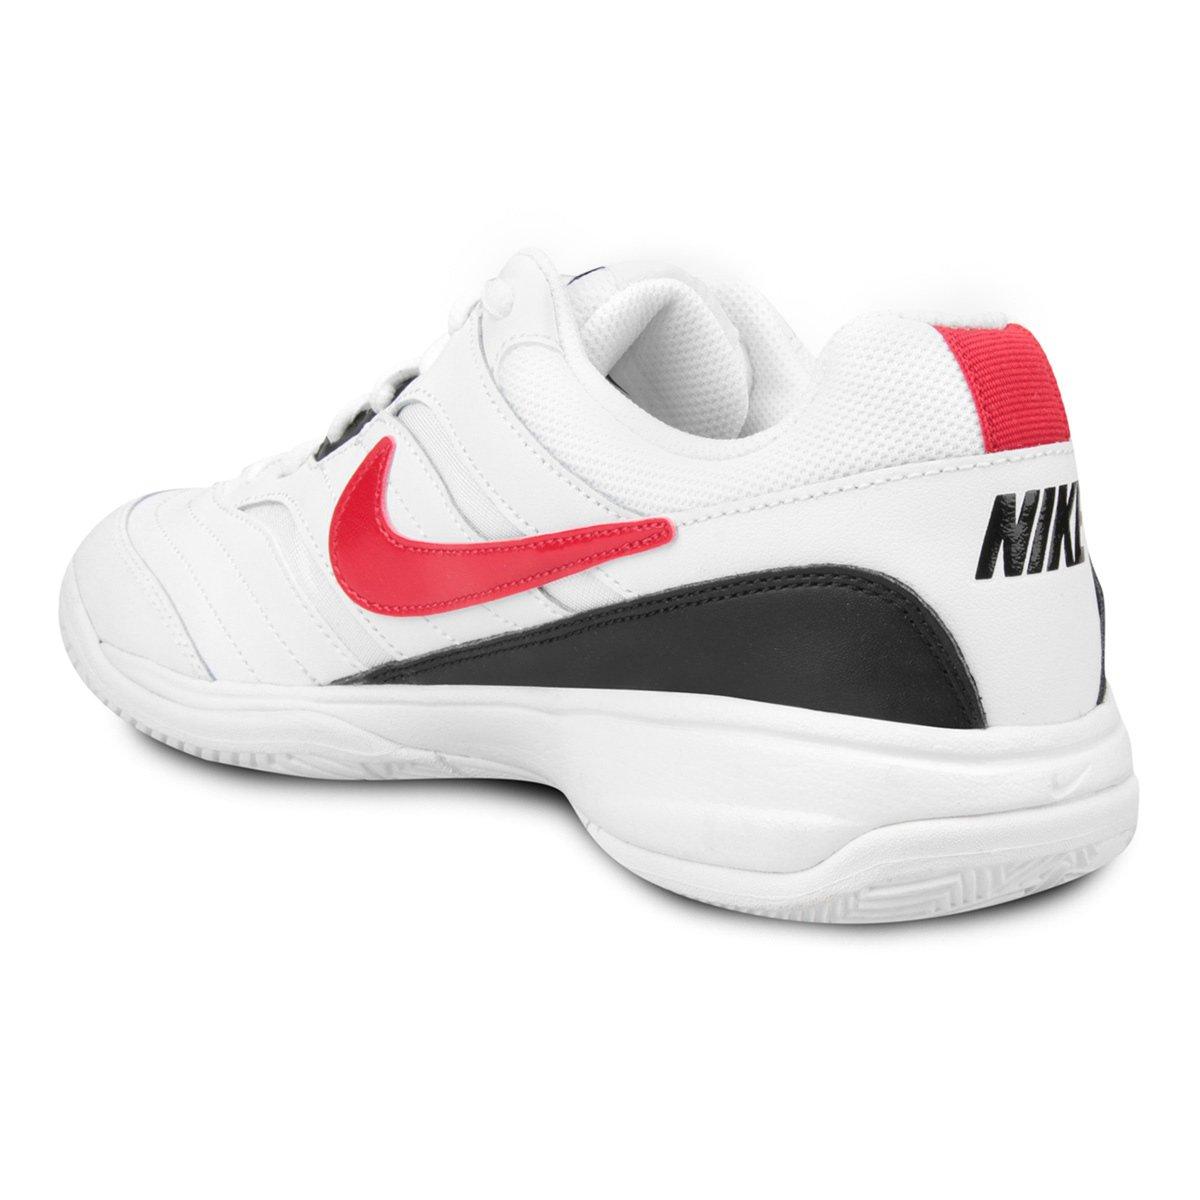 Tênis Nike Court Lite Masculino - Gelo e Vermelho - Compre Agora ... 74672892fec67